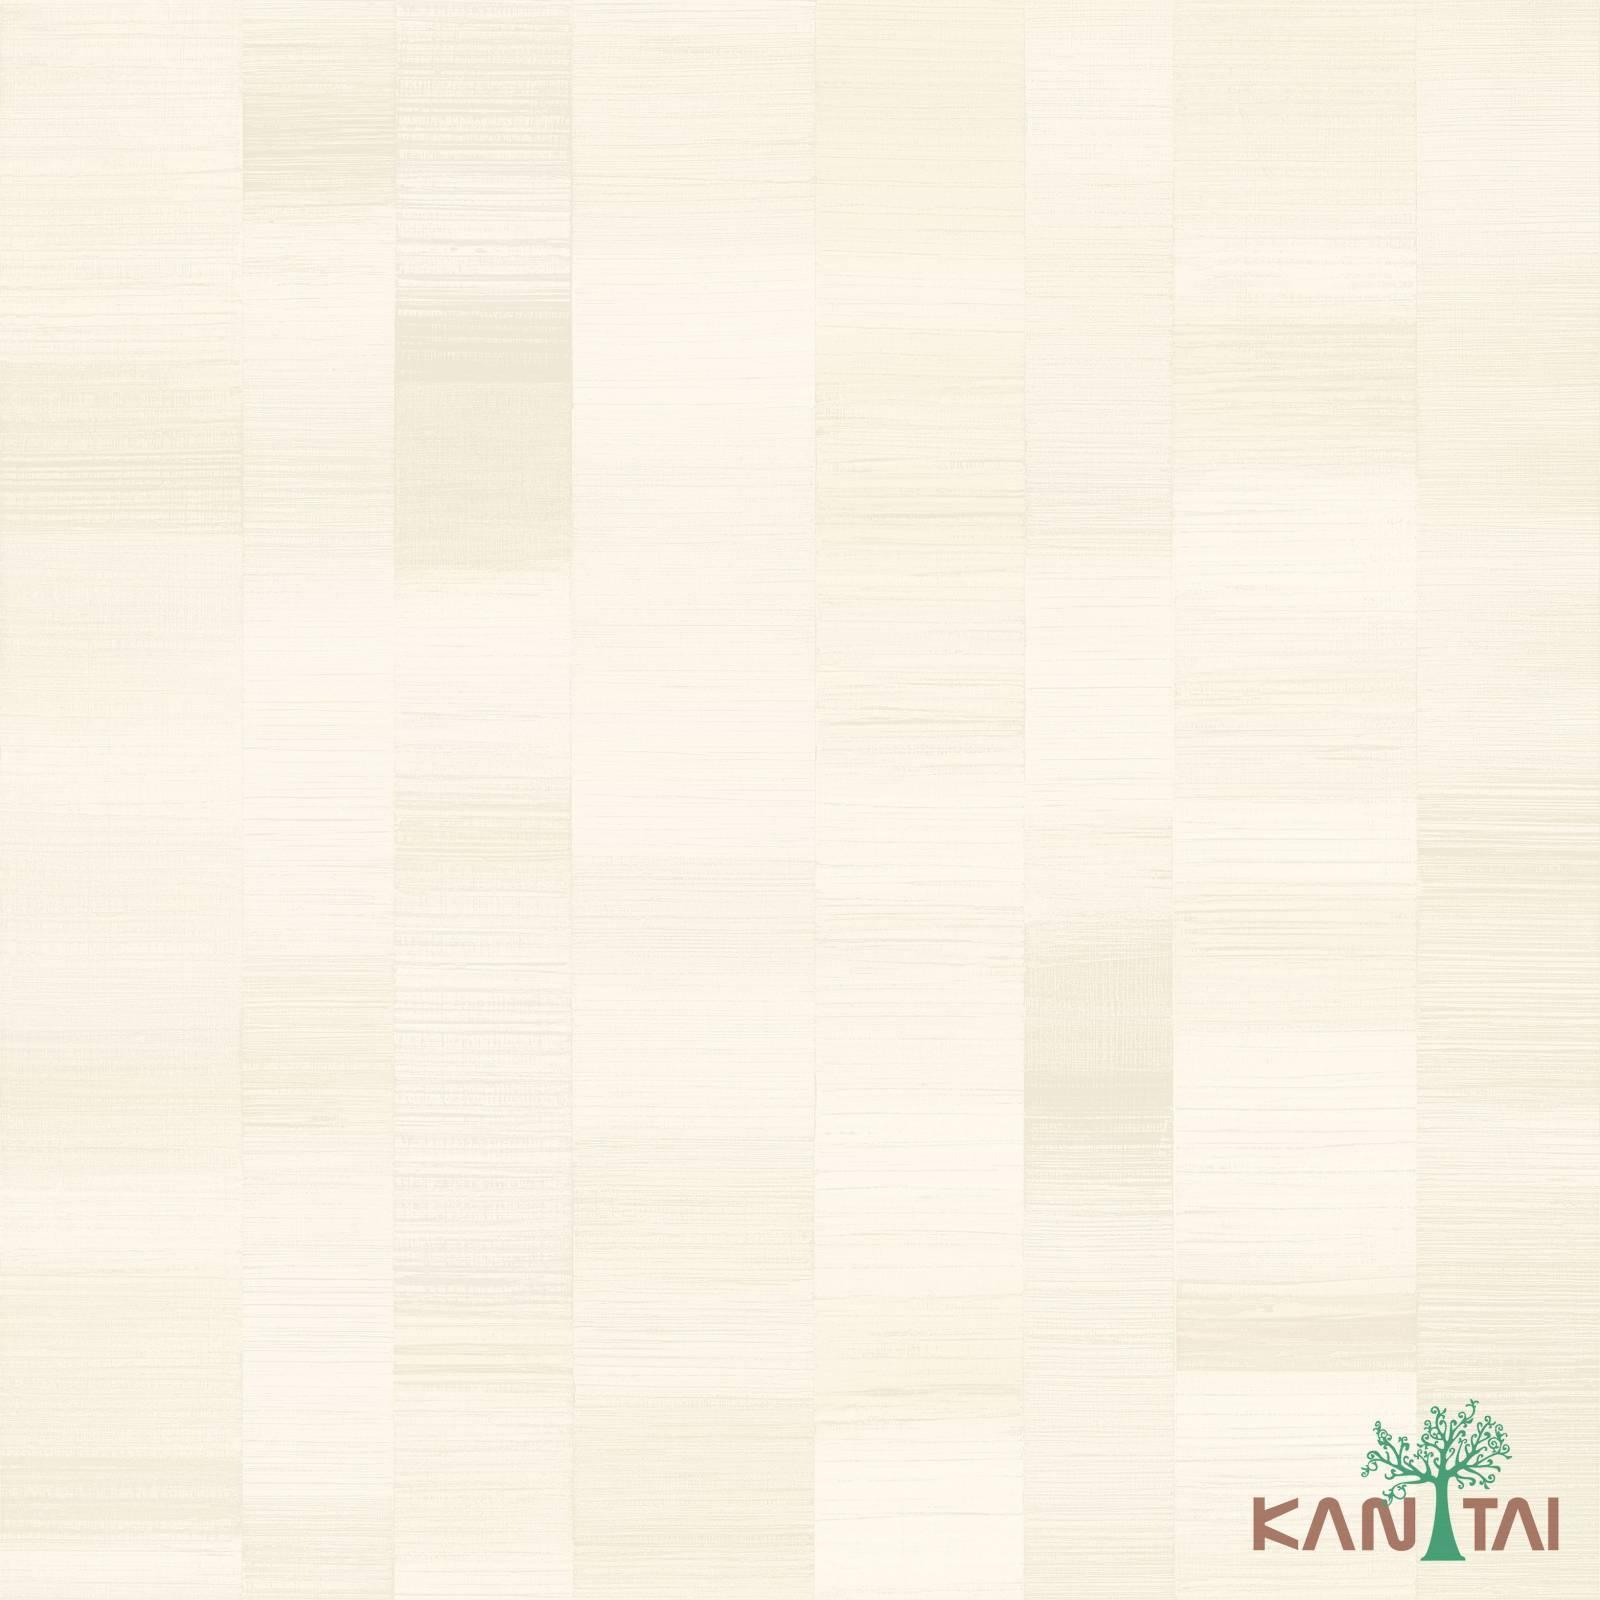 Papel de Parede Vinílico kantai OBA imagem 1